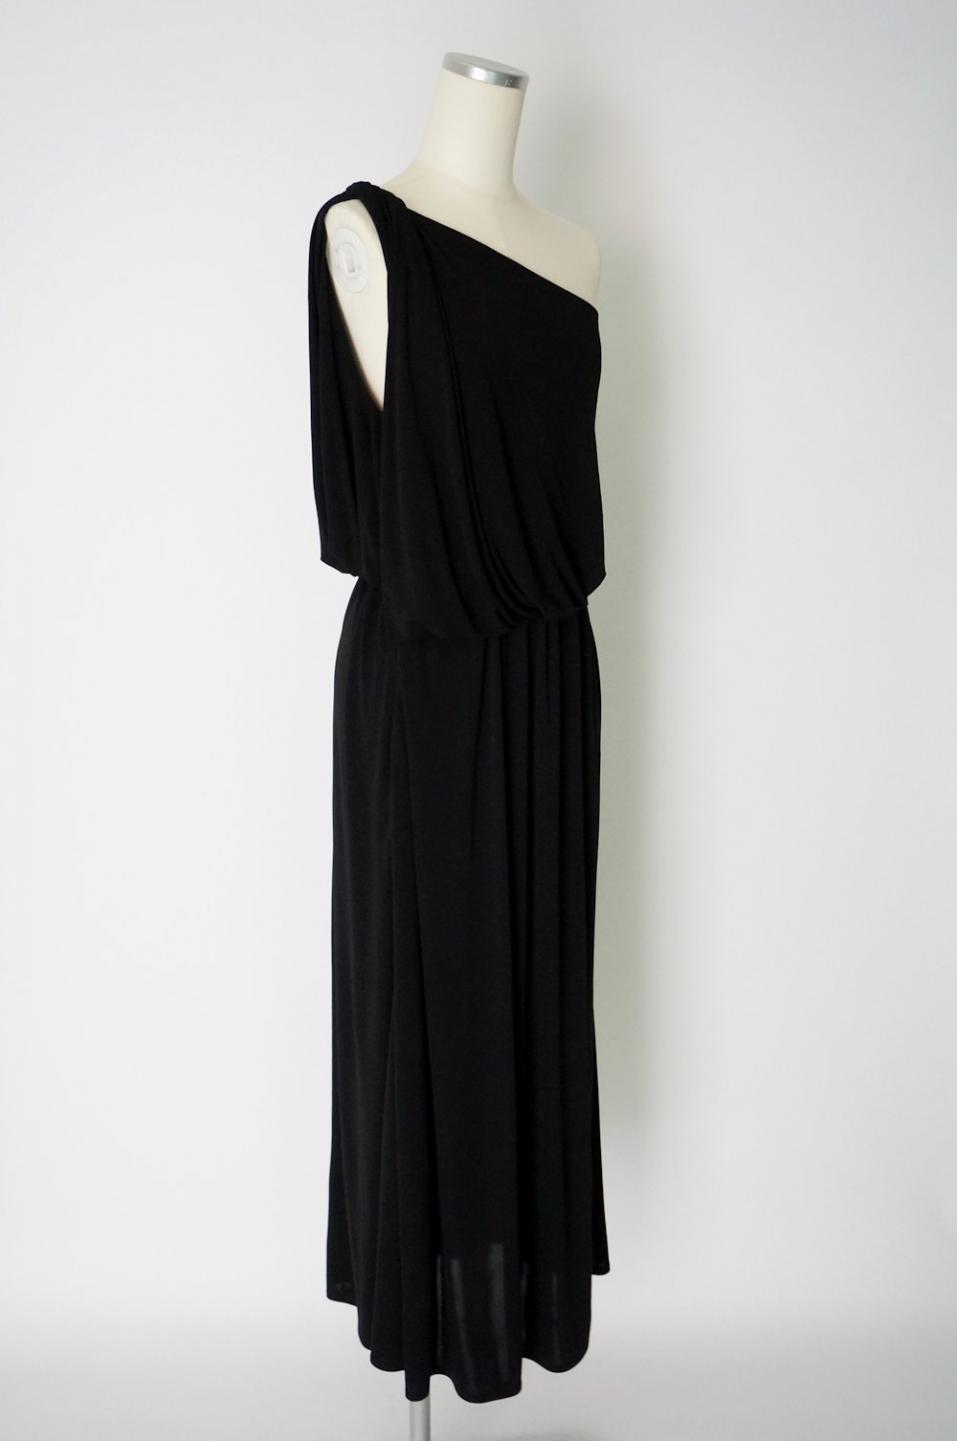 ランバン ワンショルダーロングドレス; ランバン ワンショルダーロングドレス